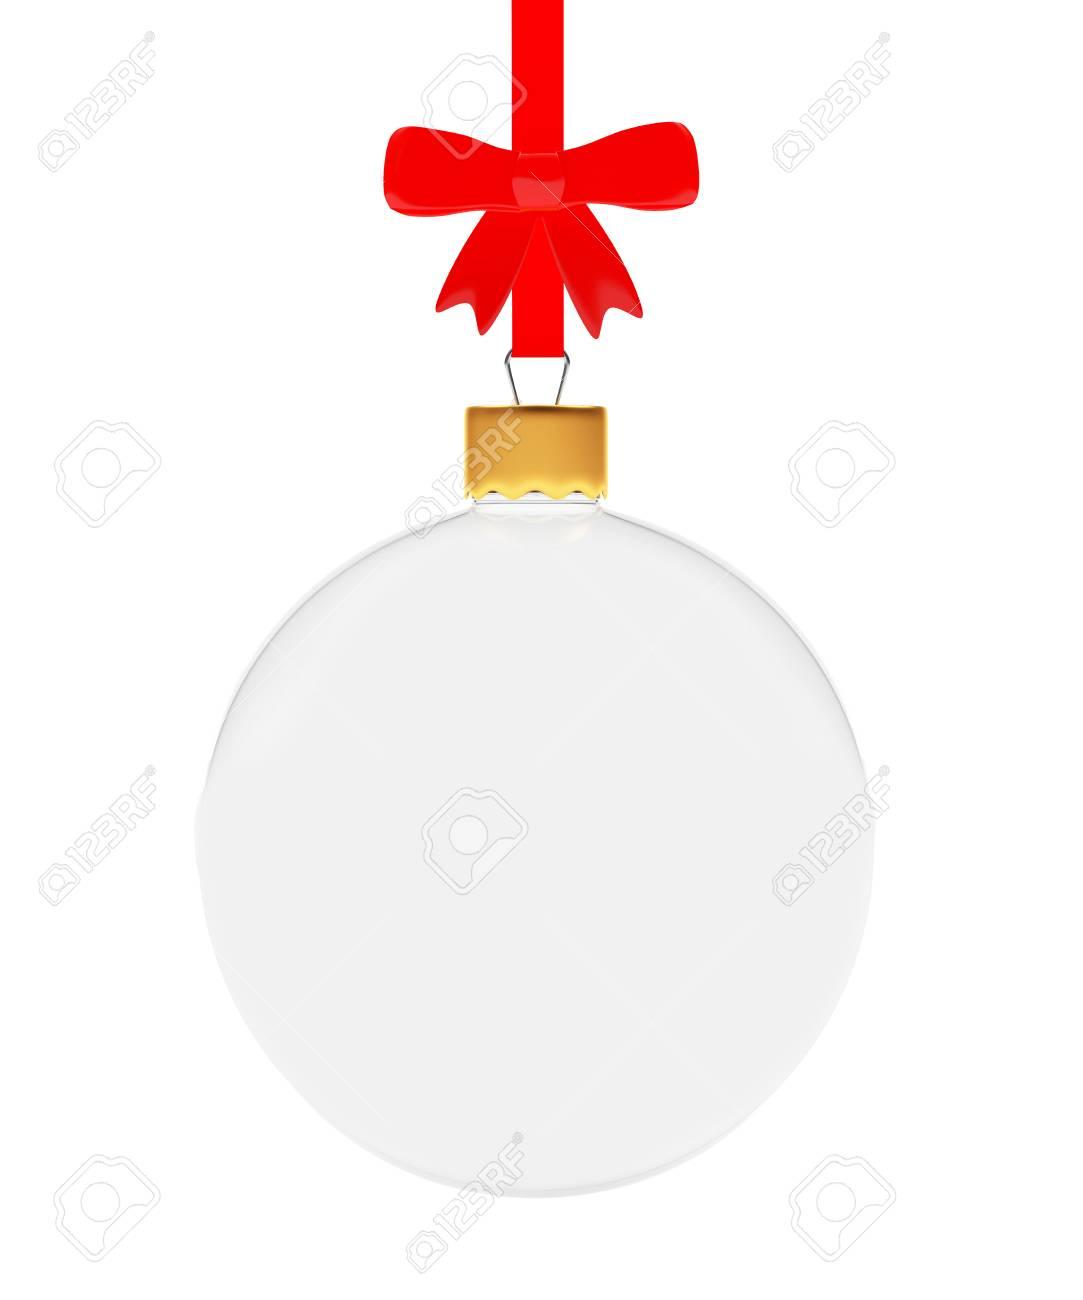 Boule De Noel Transparente A Decorer décoration de noël. verre transparent boule de noël suspendu à un ruban  rouge avec archet isolé sur fond blanc. illustration 3d